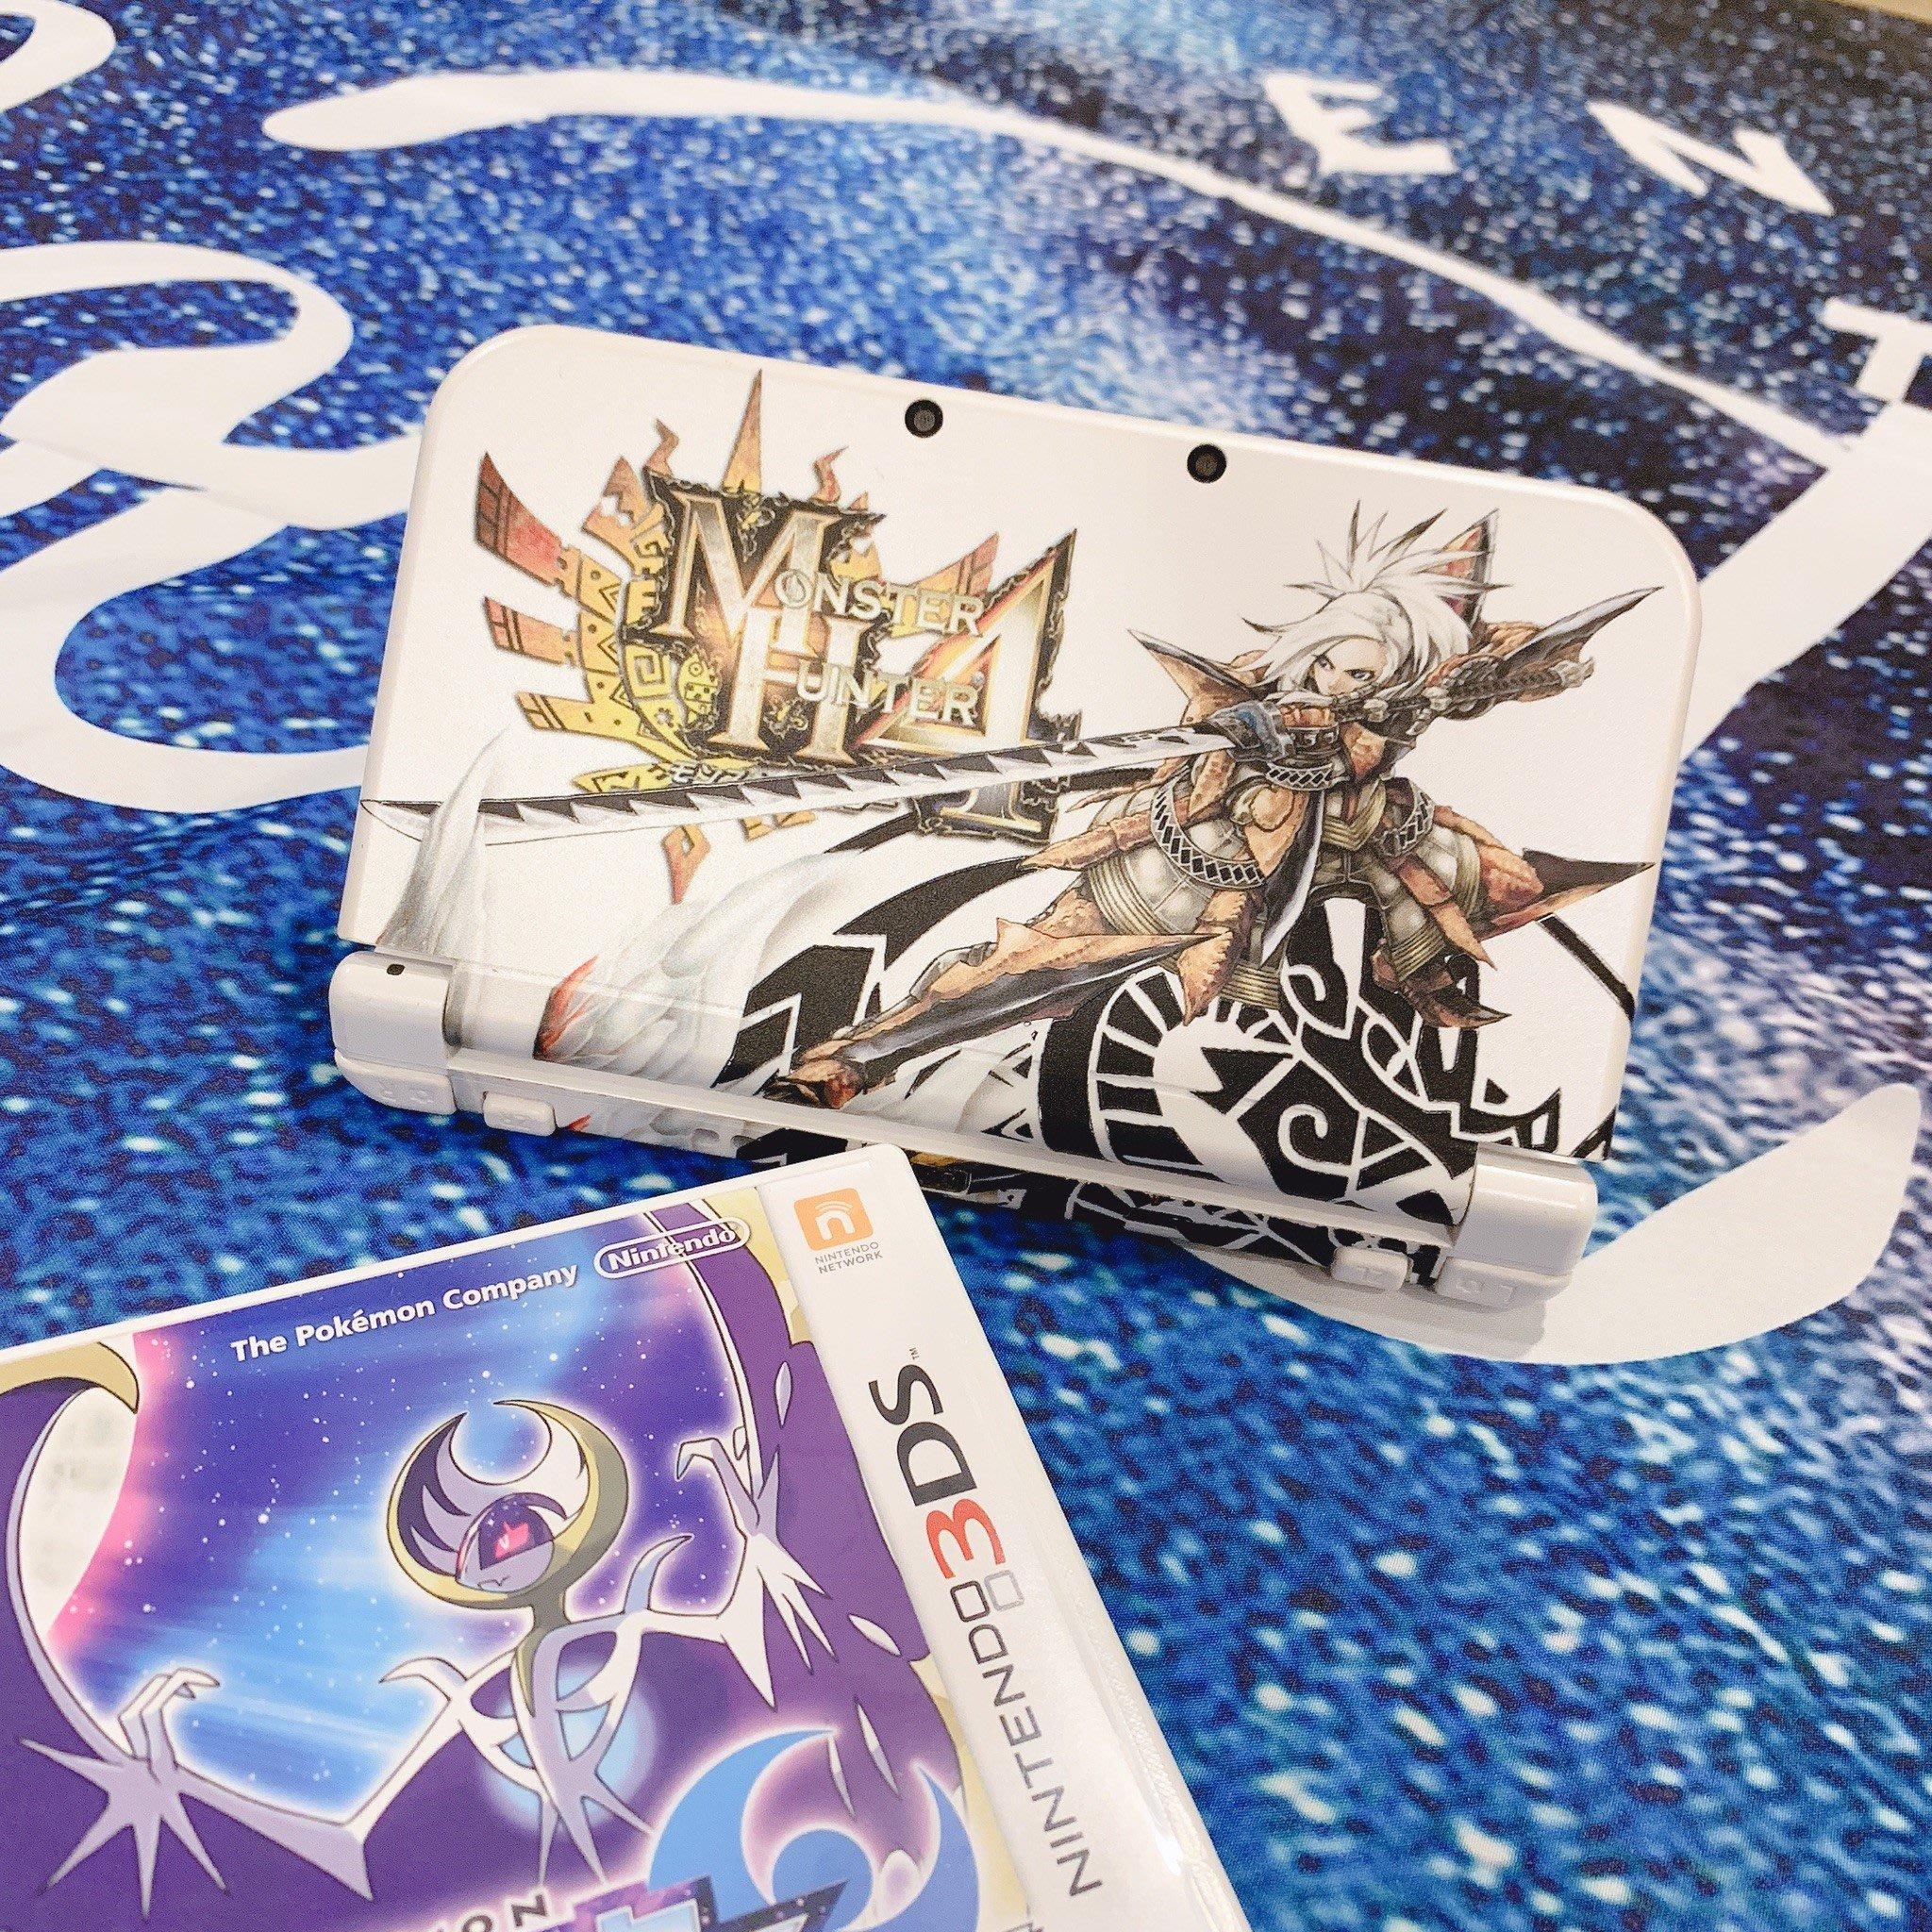 極致新 任天堂 Nintendo NEW 3DSLL 主機 日規白 寶可夢 月亮 PS4 Switch Xbox wii